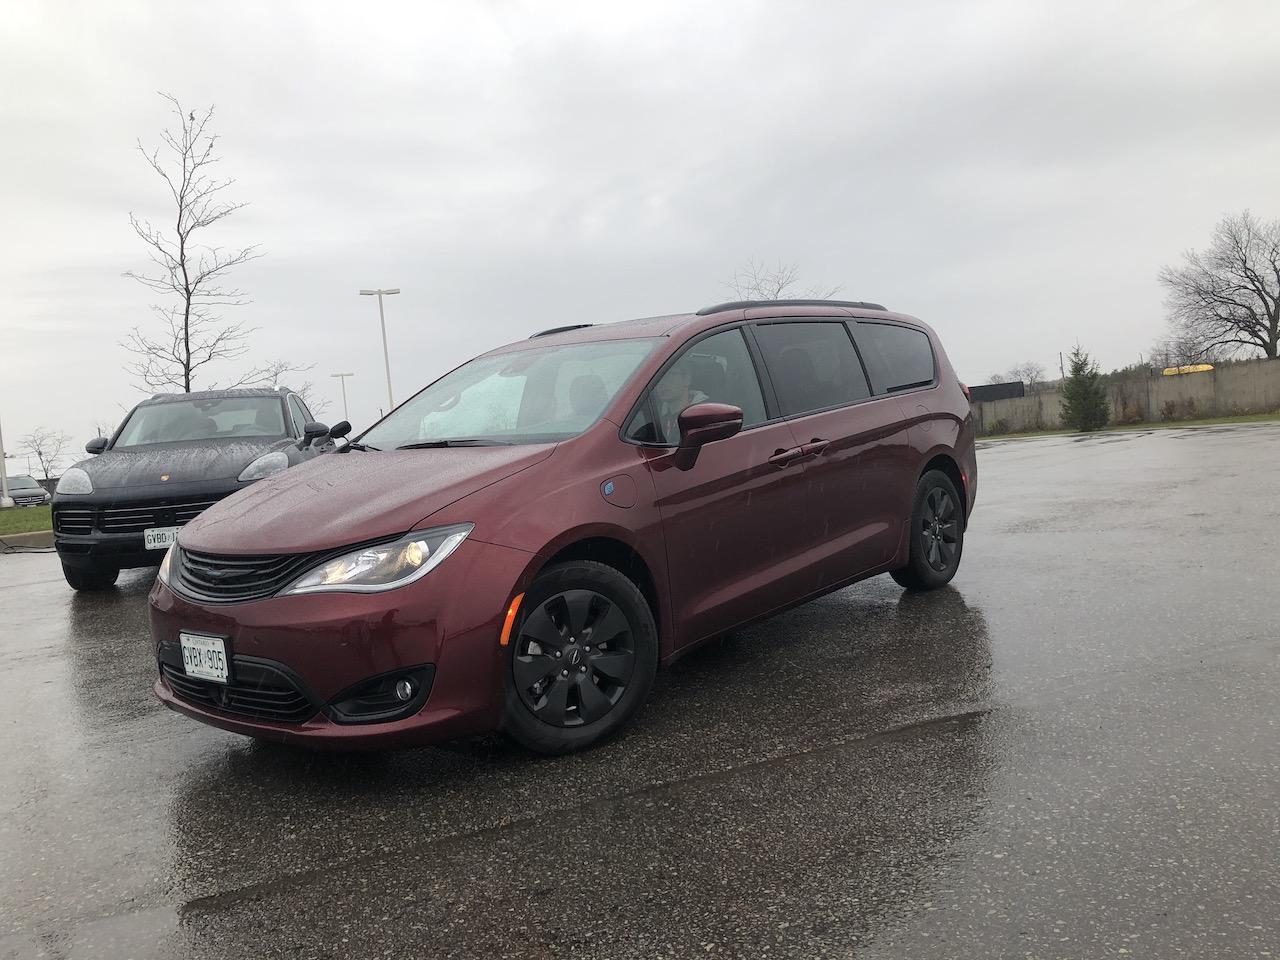 Best EV/Plug-in Hybrid 2020 Canadian Car of the Year